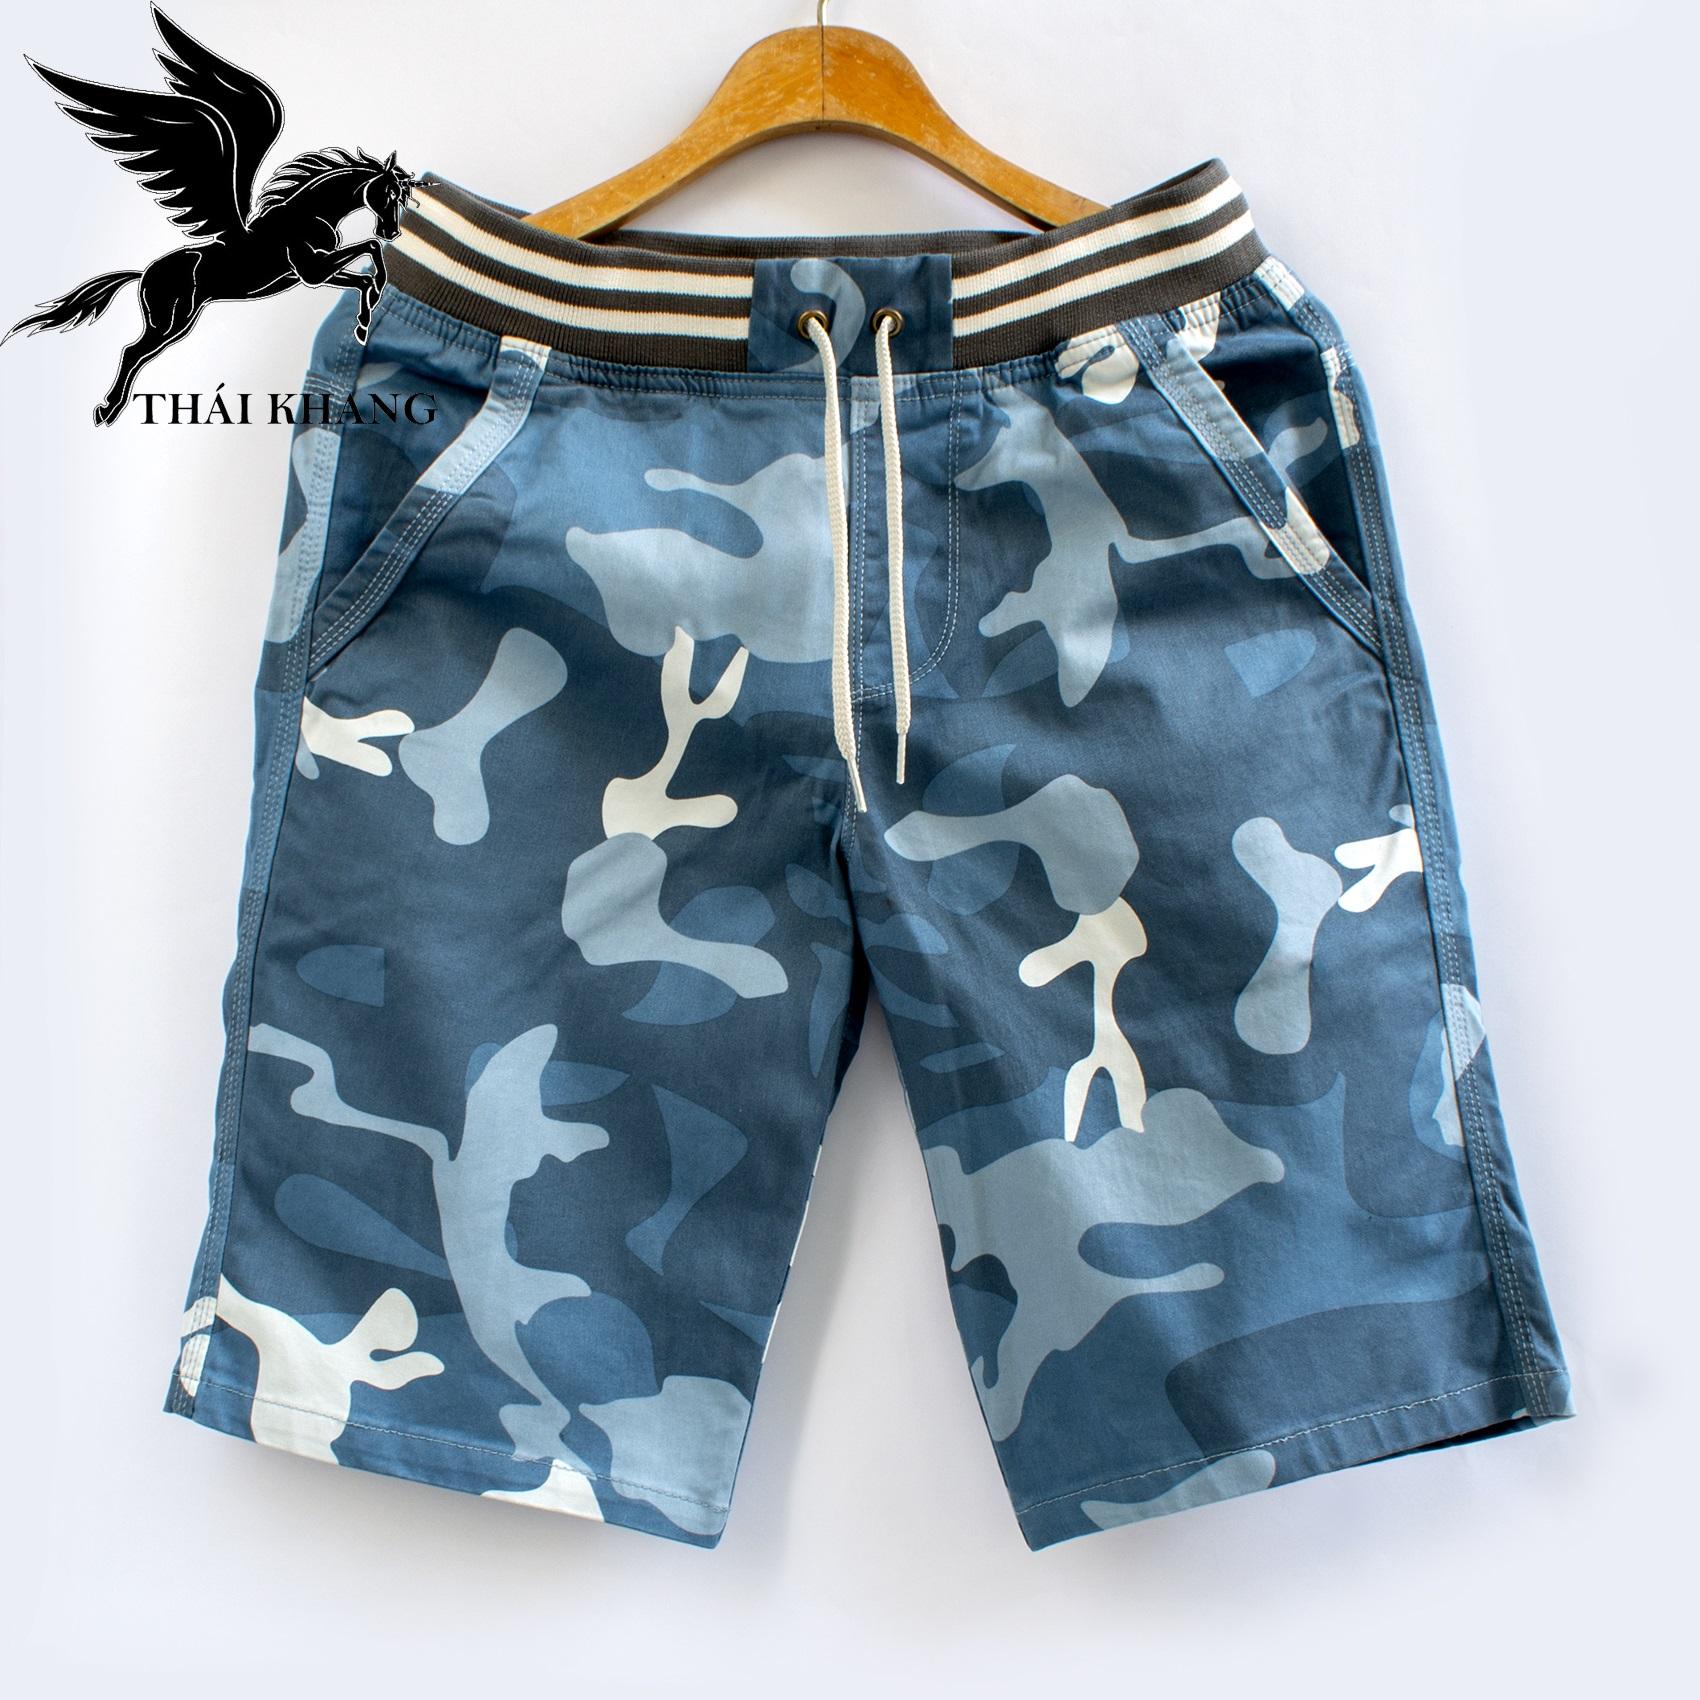 Quần short nam kaki cao cấp rằn ri lưng thun vải cotton co giãn loại quần short lính nam QSKLT20